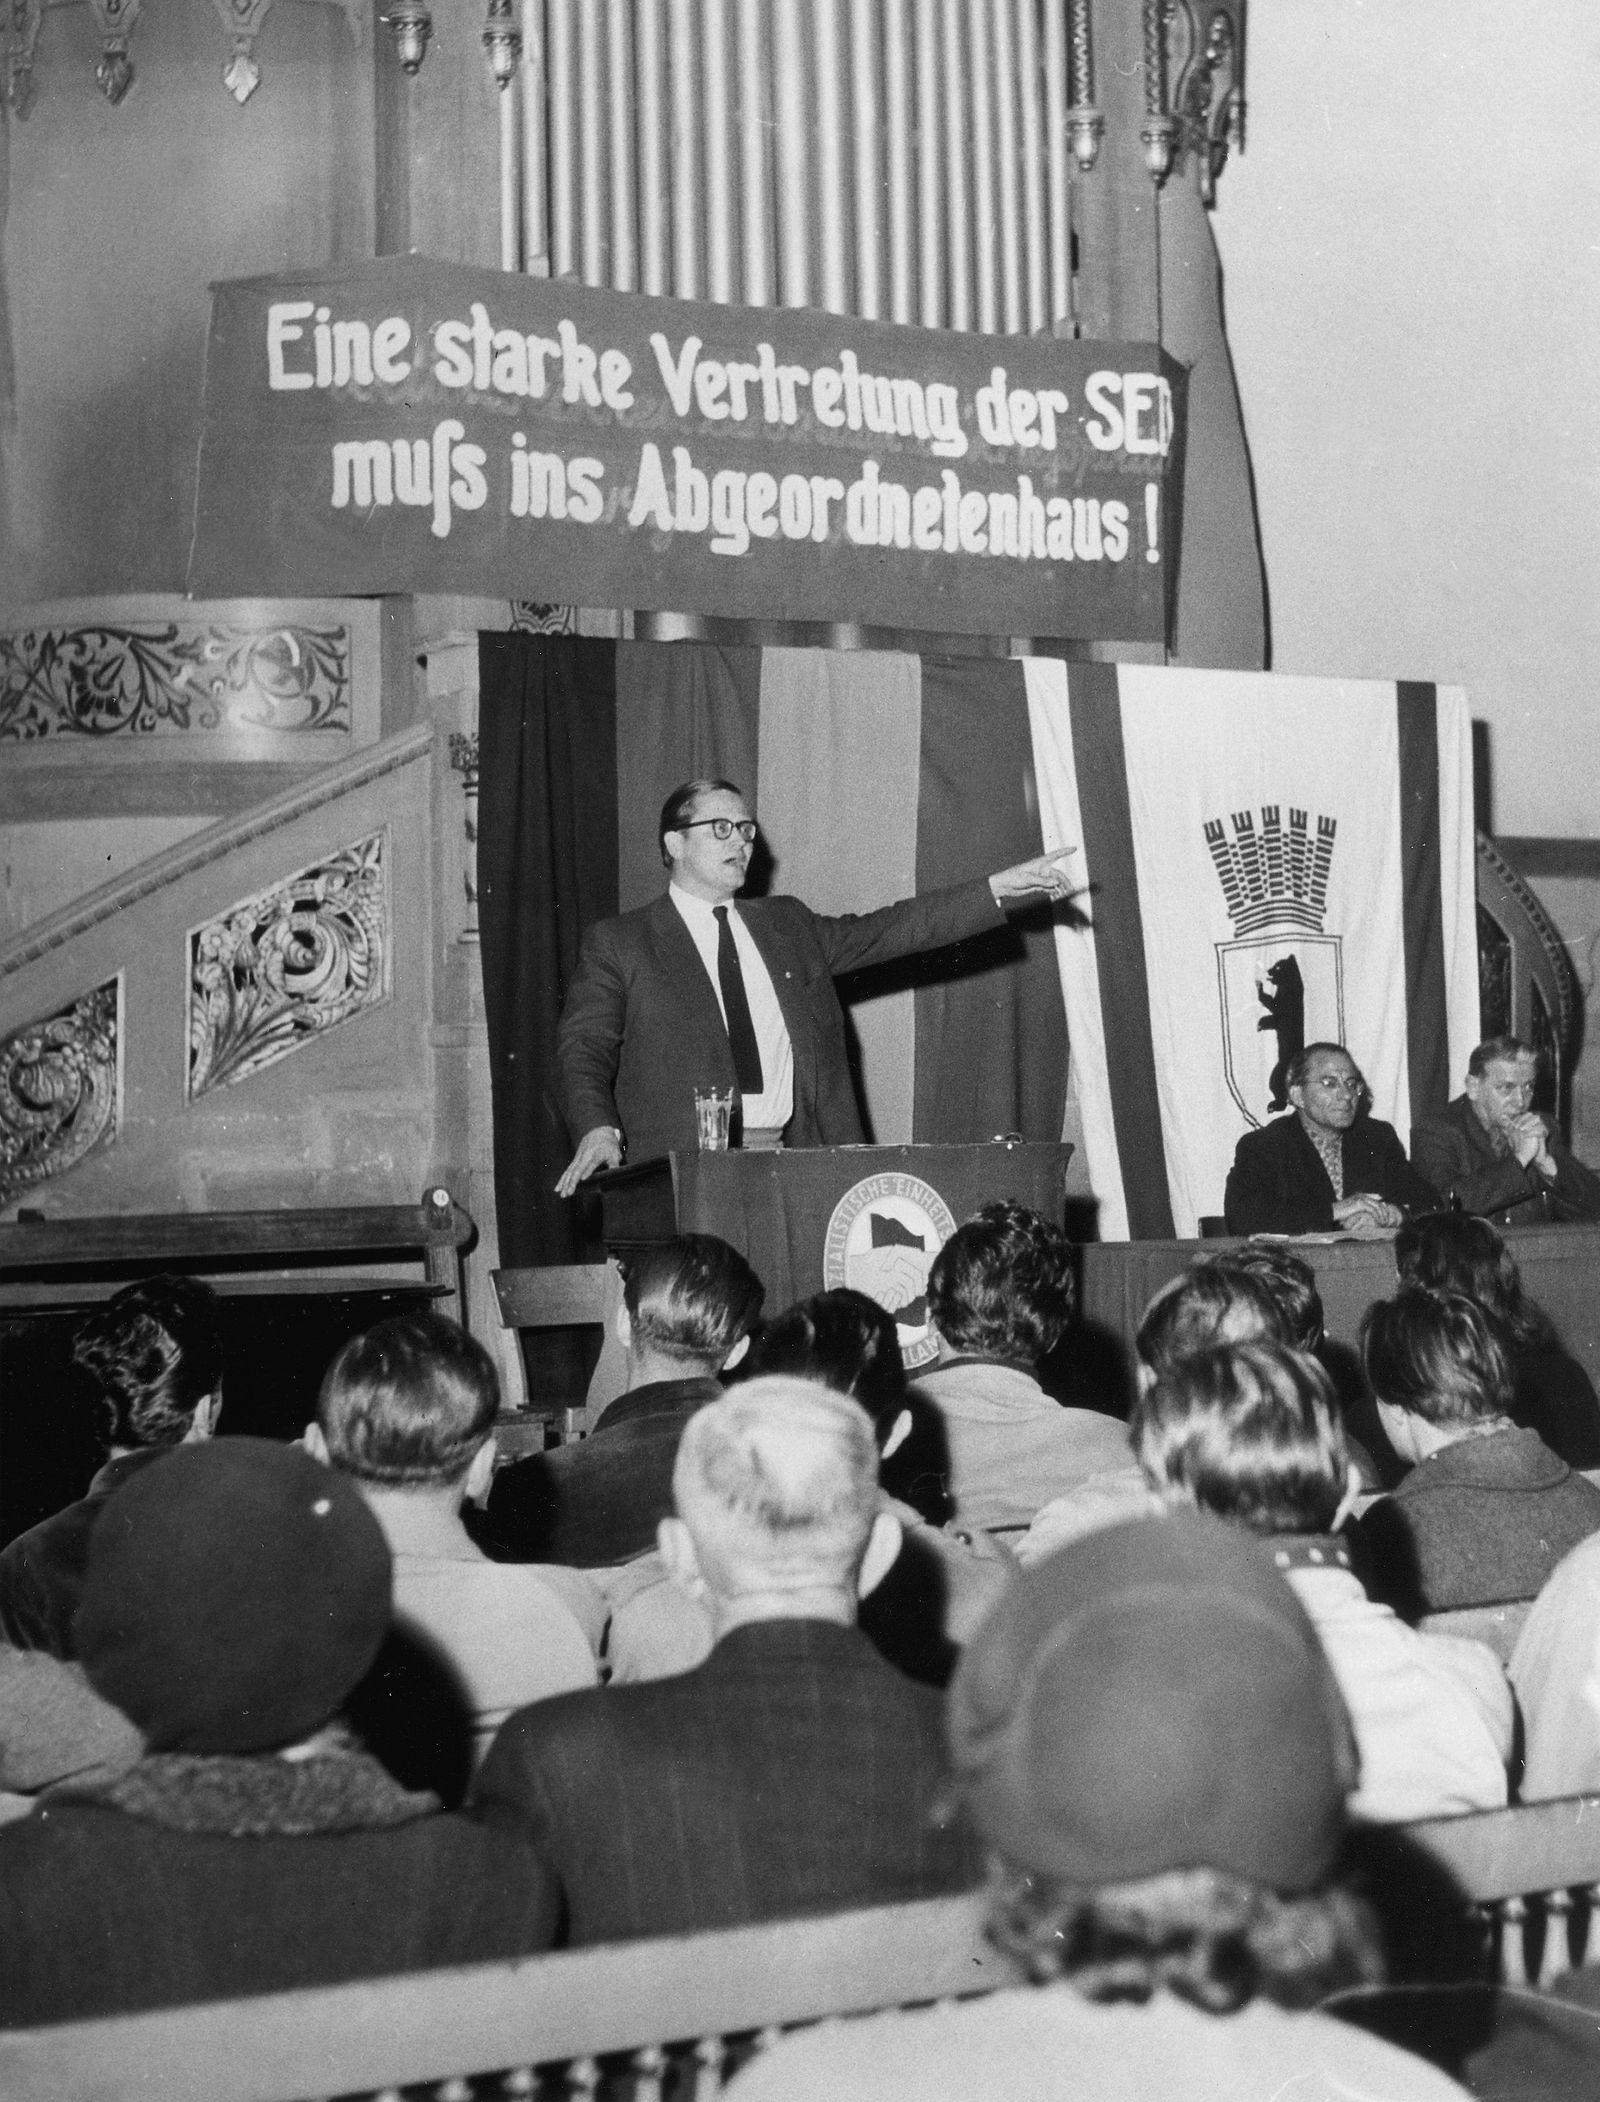 Wahl Bln W 1954 - Karl-Eduard von Schnitzler spricht auf einer Wahlkundgebung der SED